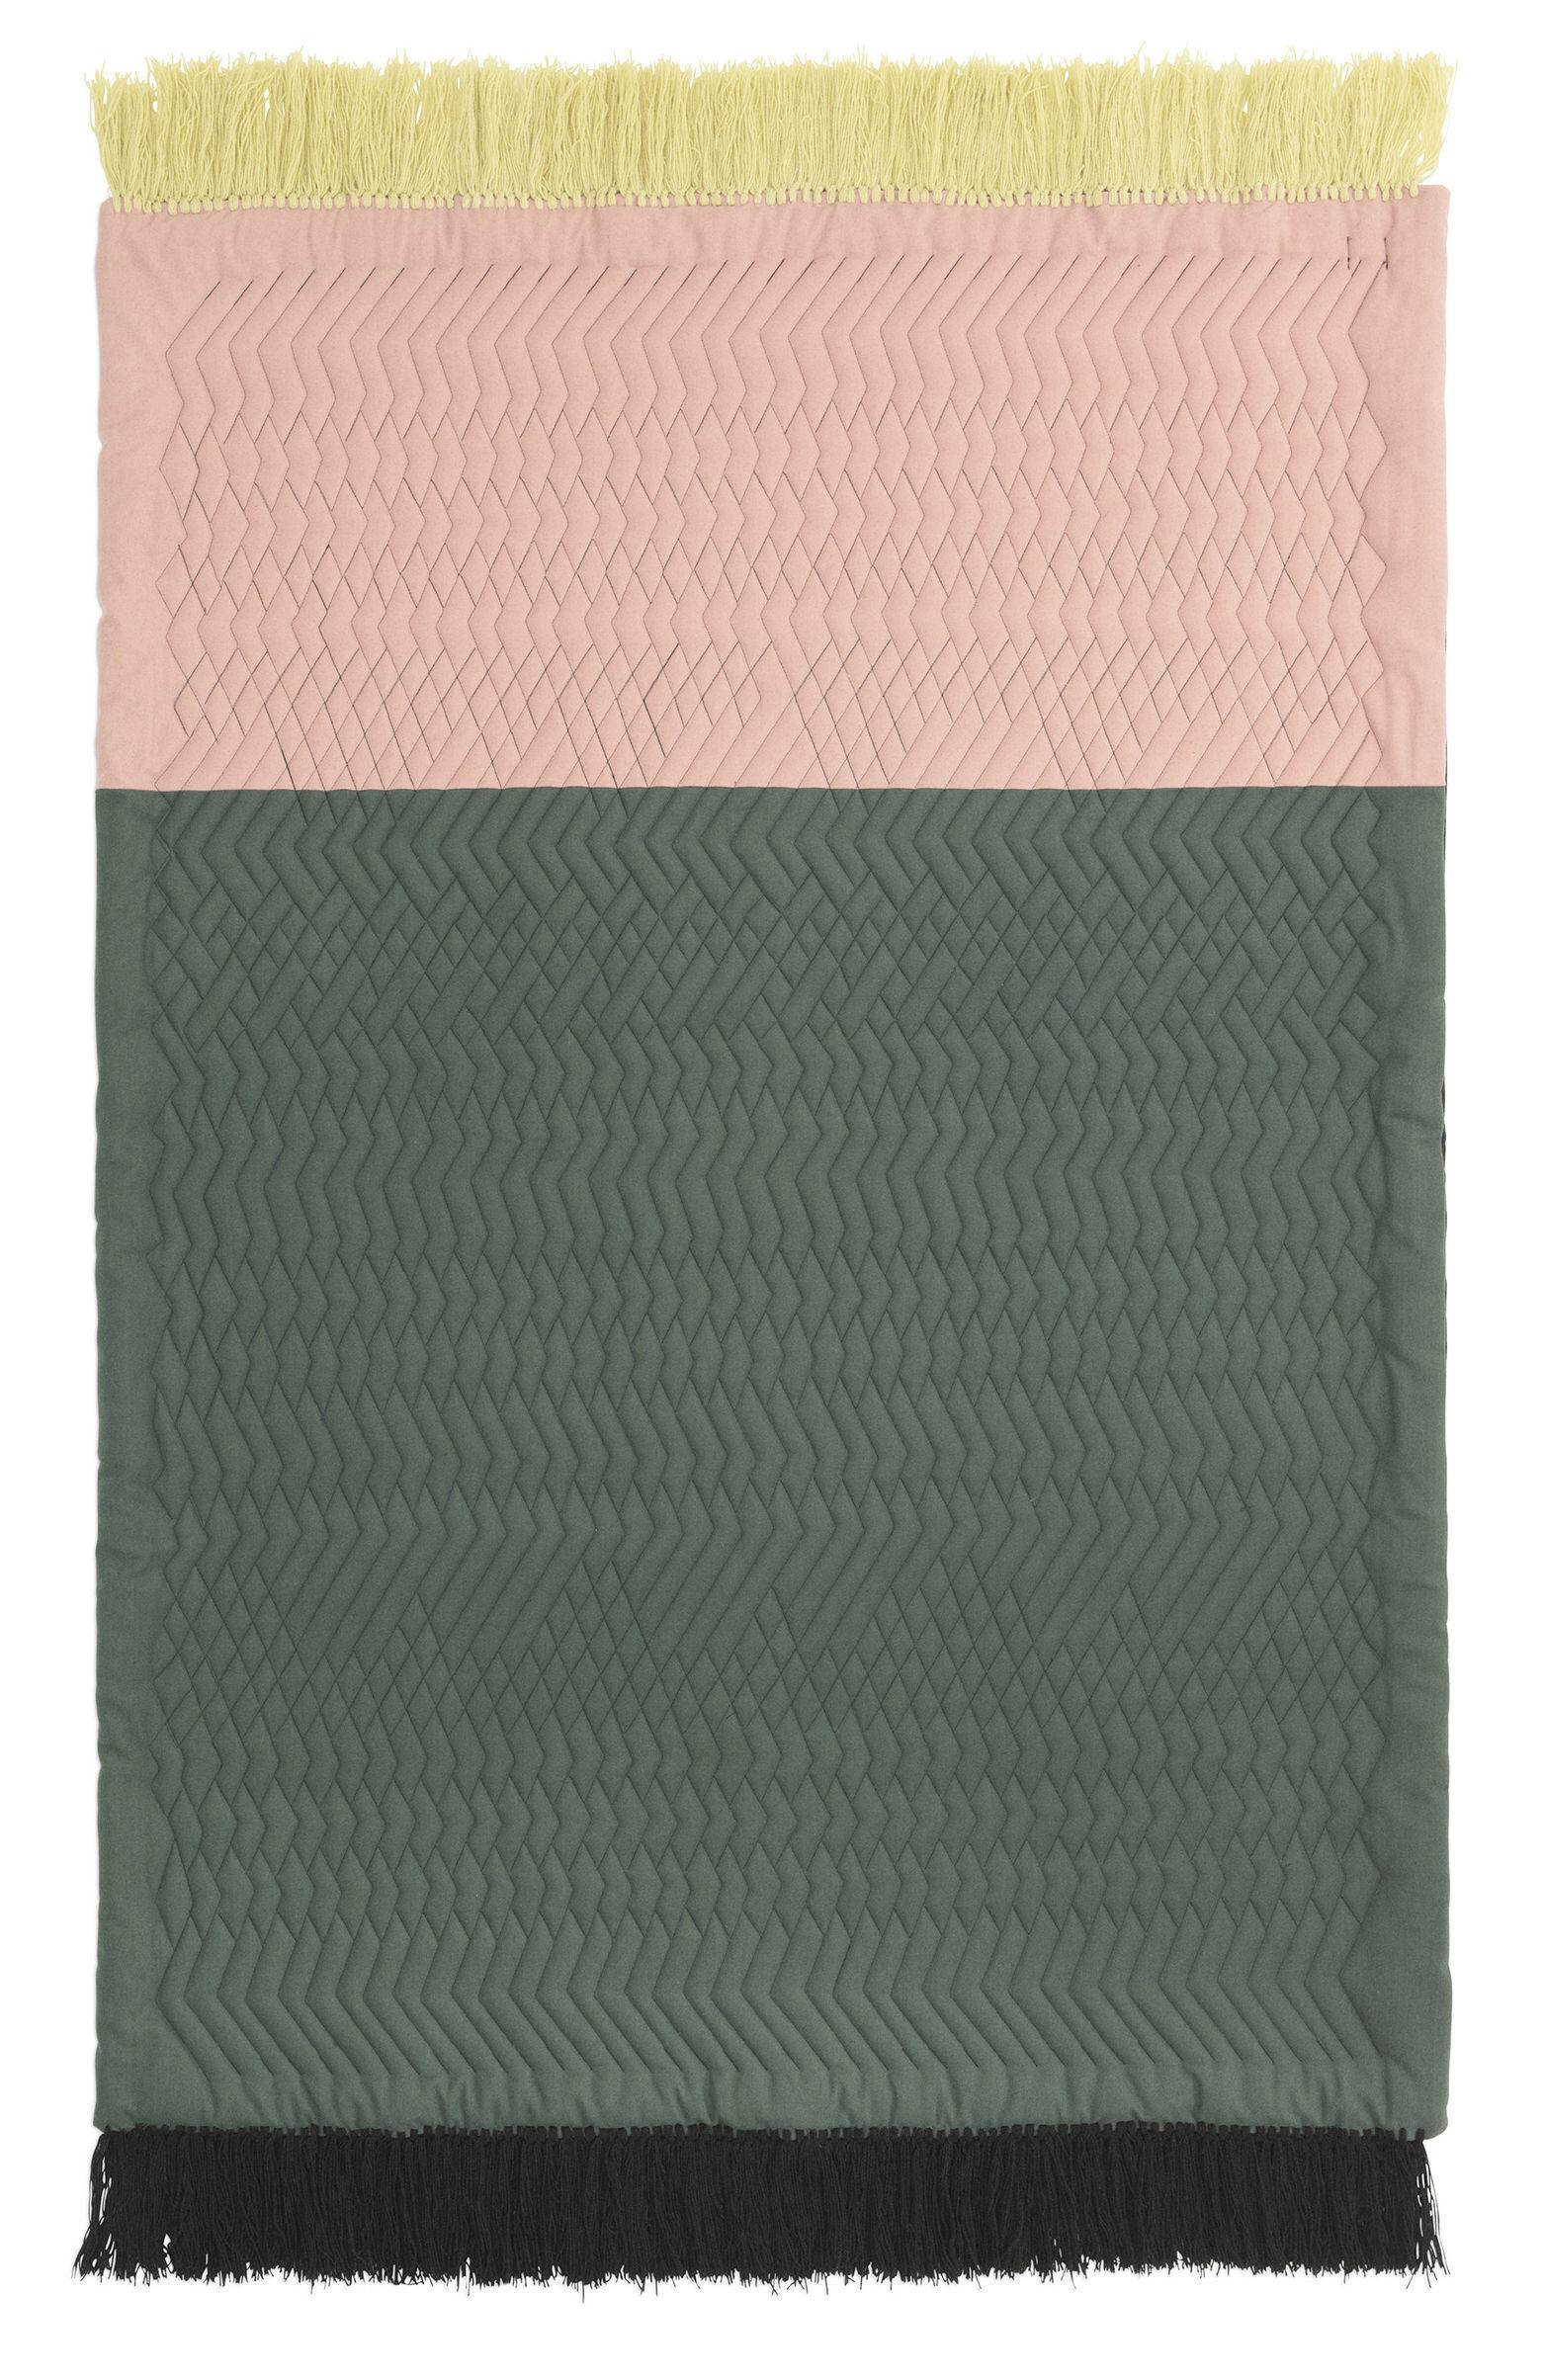 Déco - Tapis - Tapis Trace / Matelassé - 140 x 195 cm - Normann Copenhagen - Rose & vert - Laine, Polyester